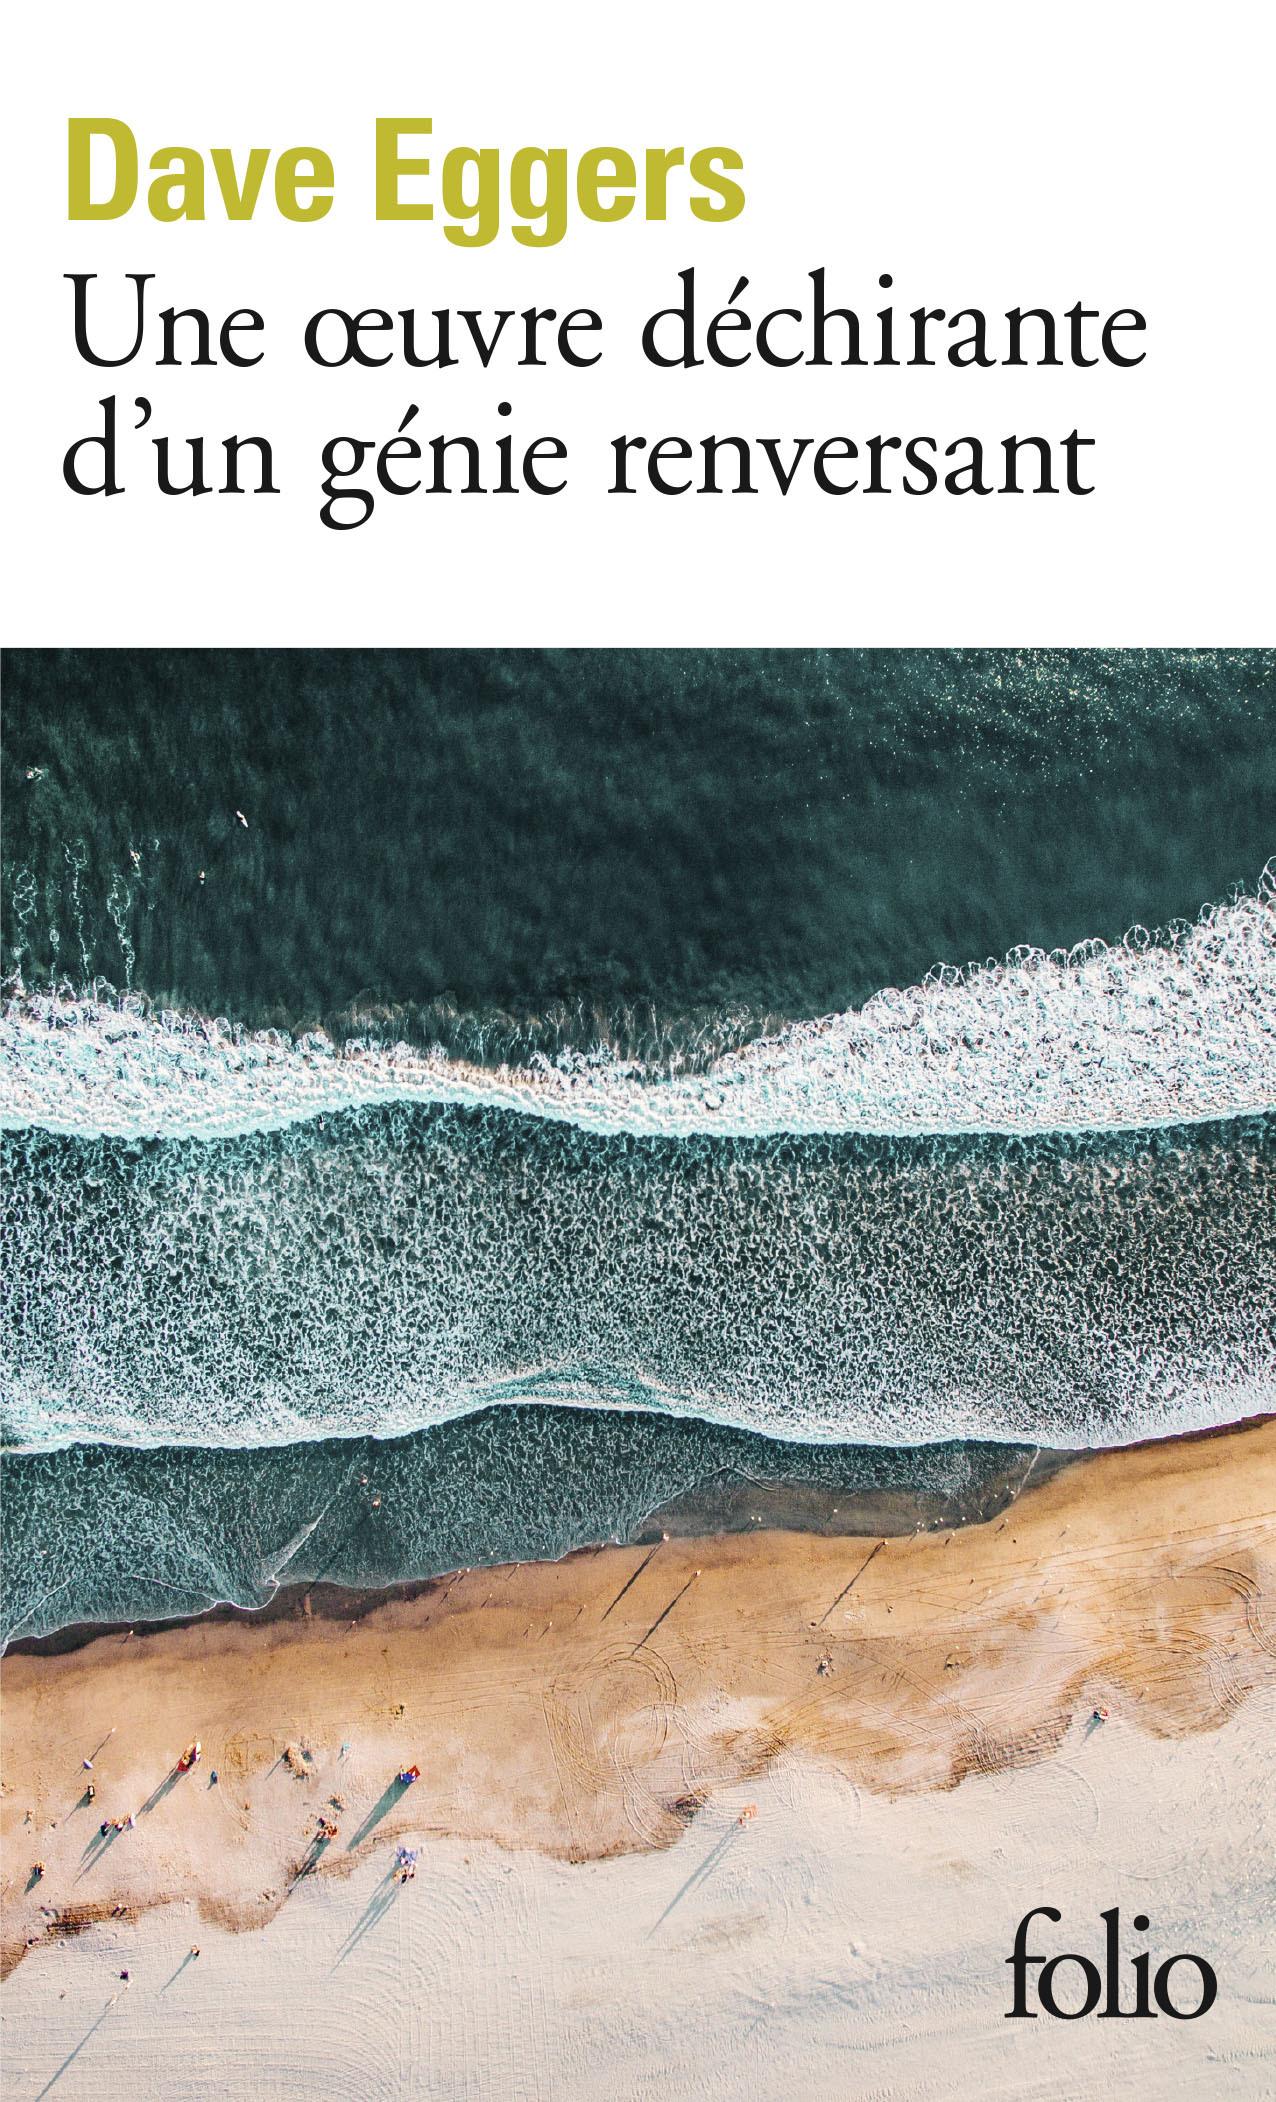 UNE OEUVRE DECHIRANTE D'UN GENIE RENVERSANT